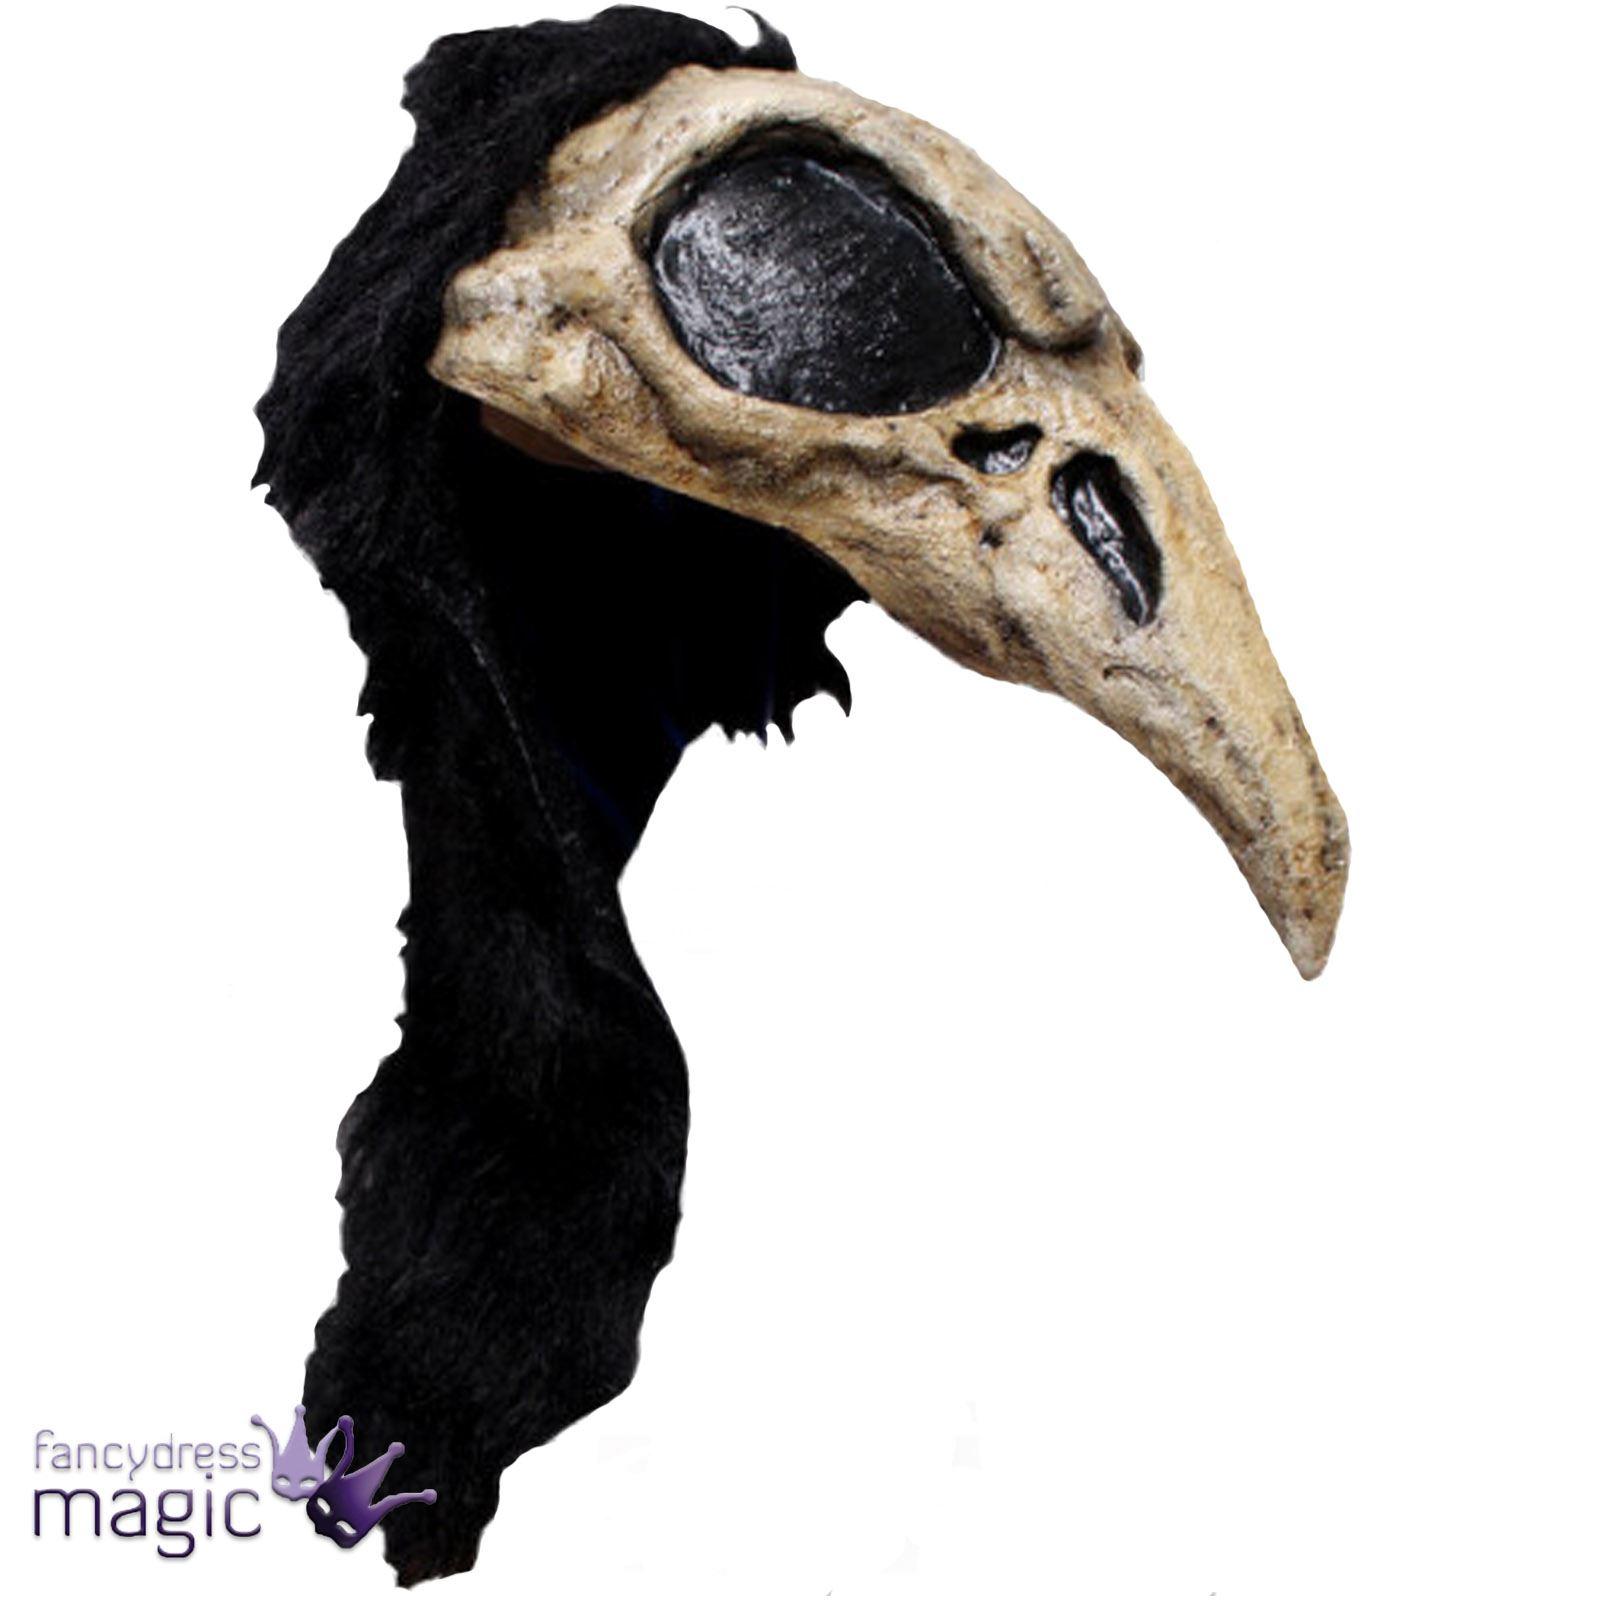 Adulto Cuervo Pájaro CALAVERA MEDIEVAL Negro Muerte Cine Terror ...